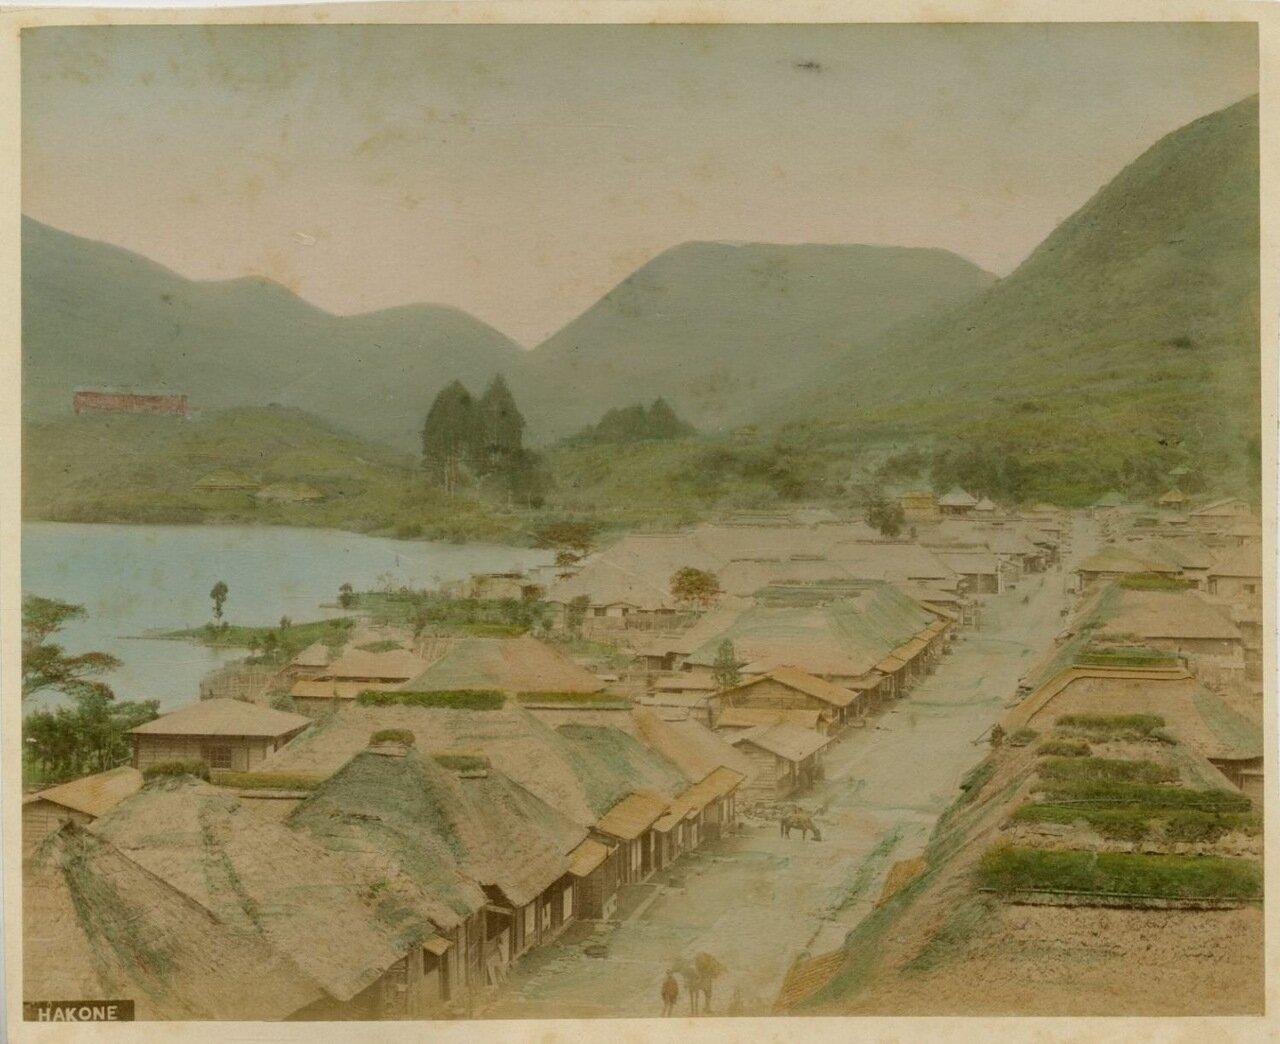 Озеро и деревня Хаконе